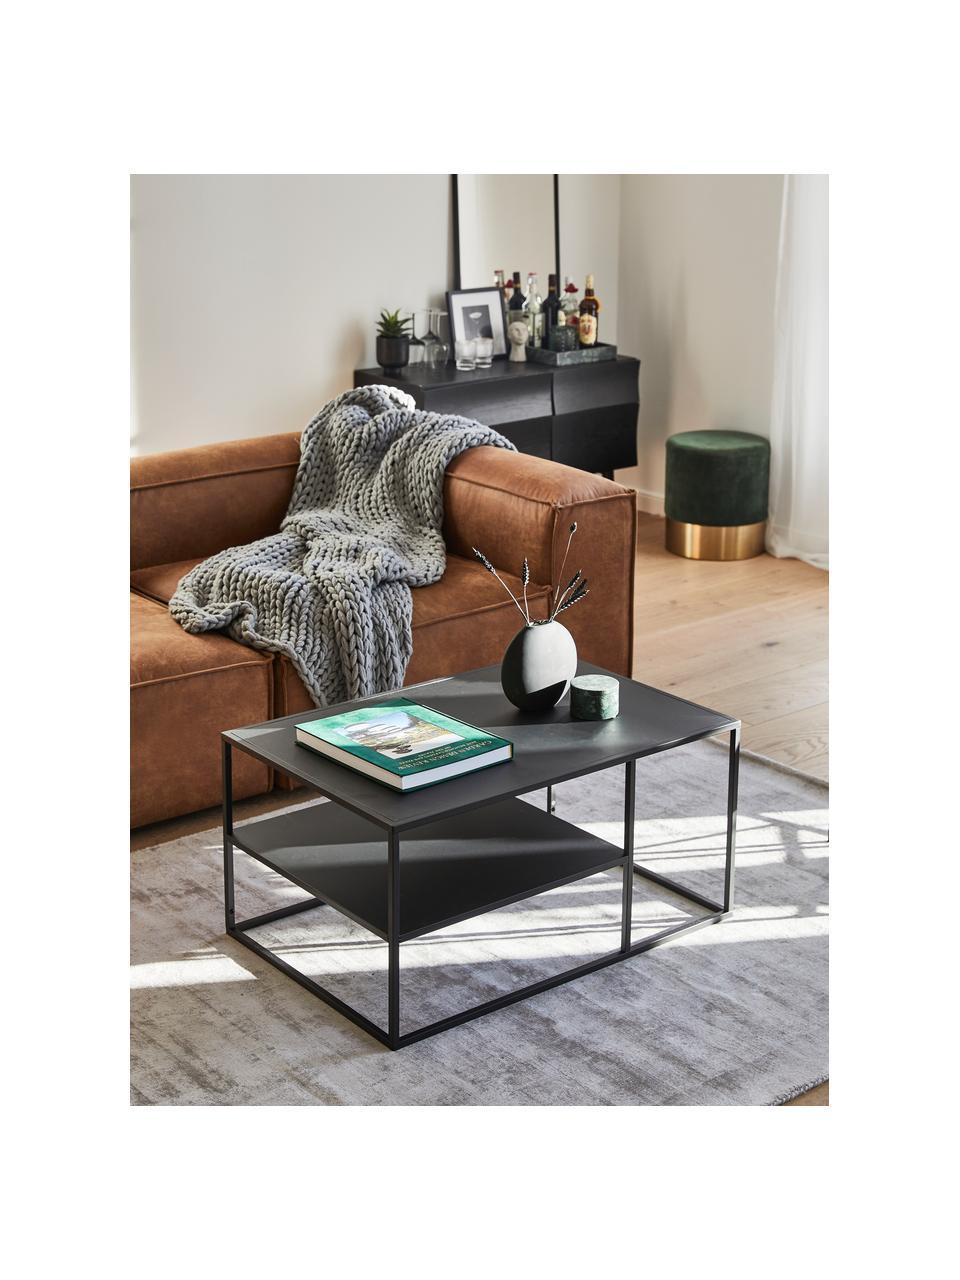 Tavolino da salotto in metallo nero Newton, Metallo verniciato a polvere, Nero, Larg. 90 x Alt. 45 cm